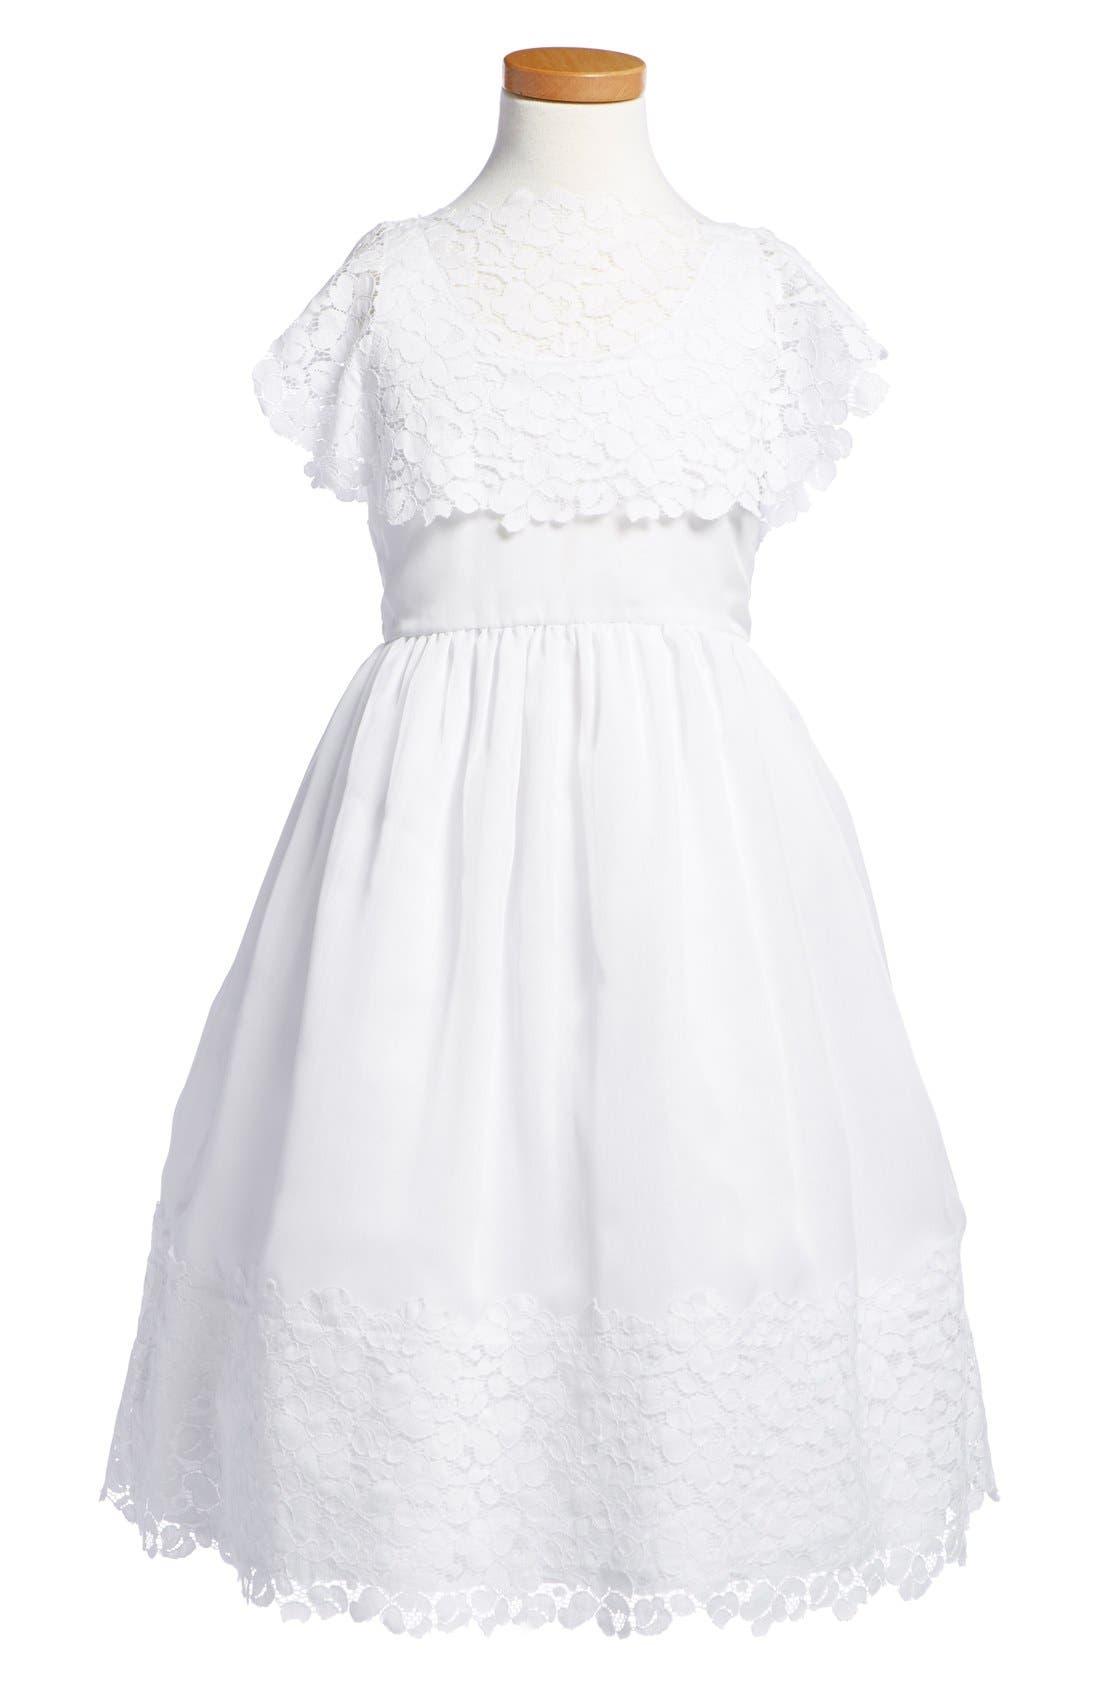 Alternate Image 1 Selected - Isabel Garreton Floral Lace Dress (Little Girls & Big Girls)